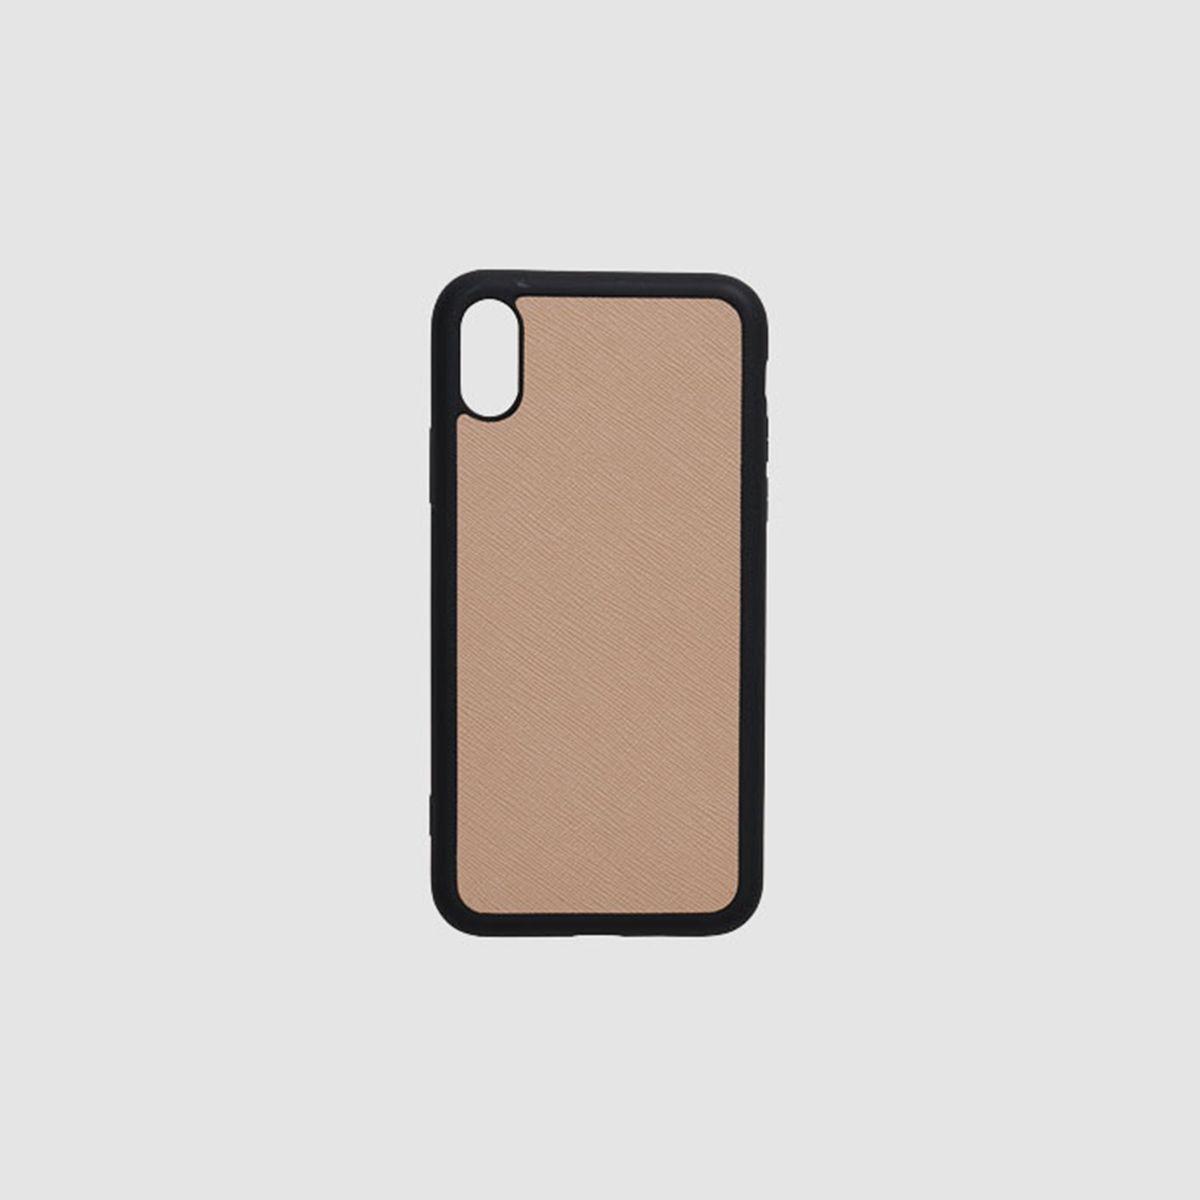 Taupe Iphone X Case Pinterest Monogram Phone Cases And Adidas Originals Adicolor Black The Daily Edited